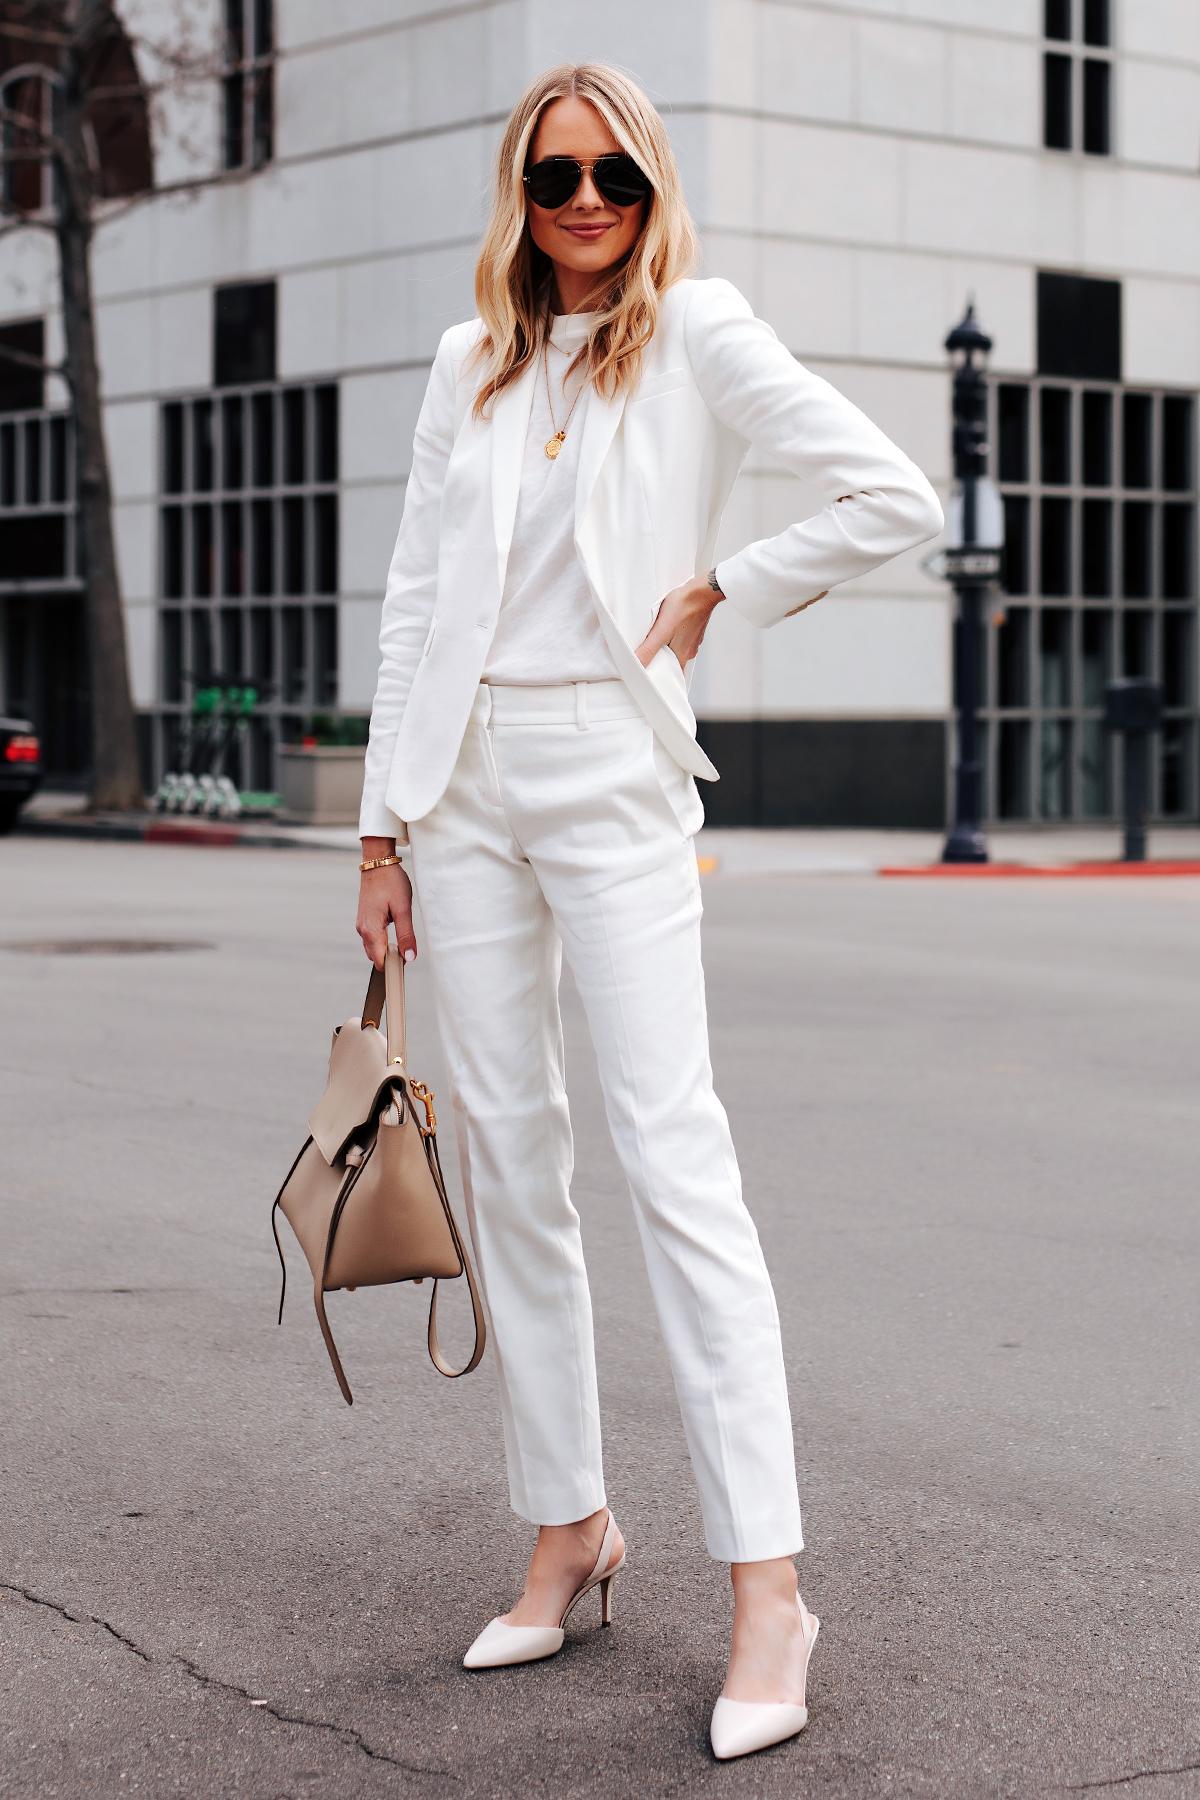 Fashion Jackson Wearing Ann Taylor White Blazer White Tshirt Ann Taylor White Work Pants White Pumps Celine Mini Belt Bag